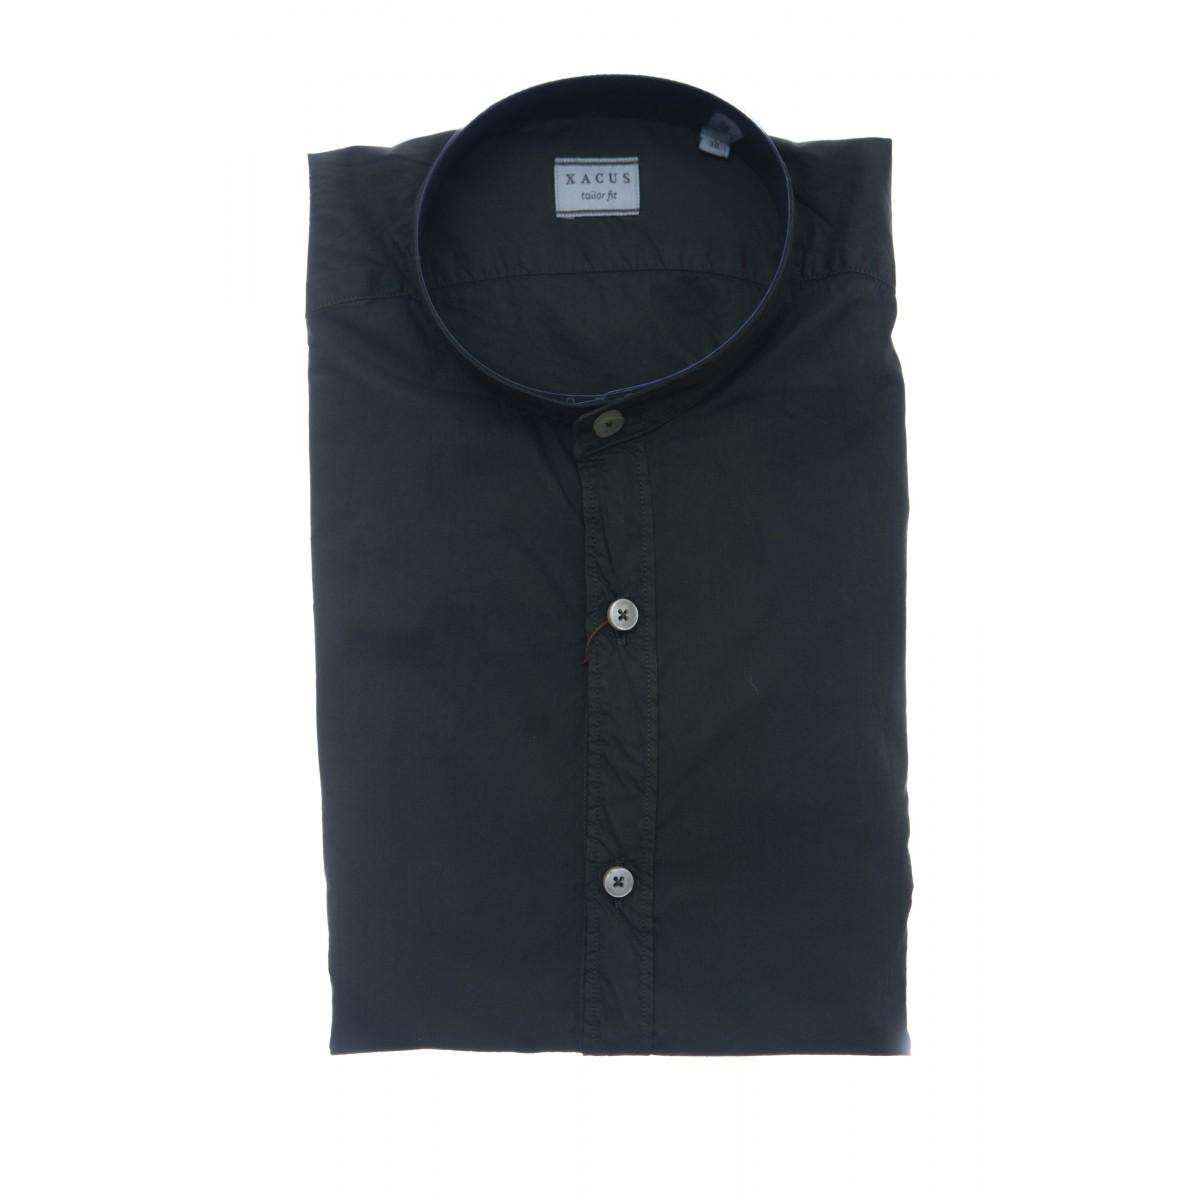 Camicia uomo - 724 61165